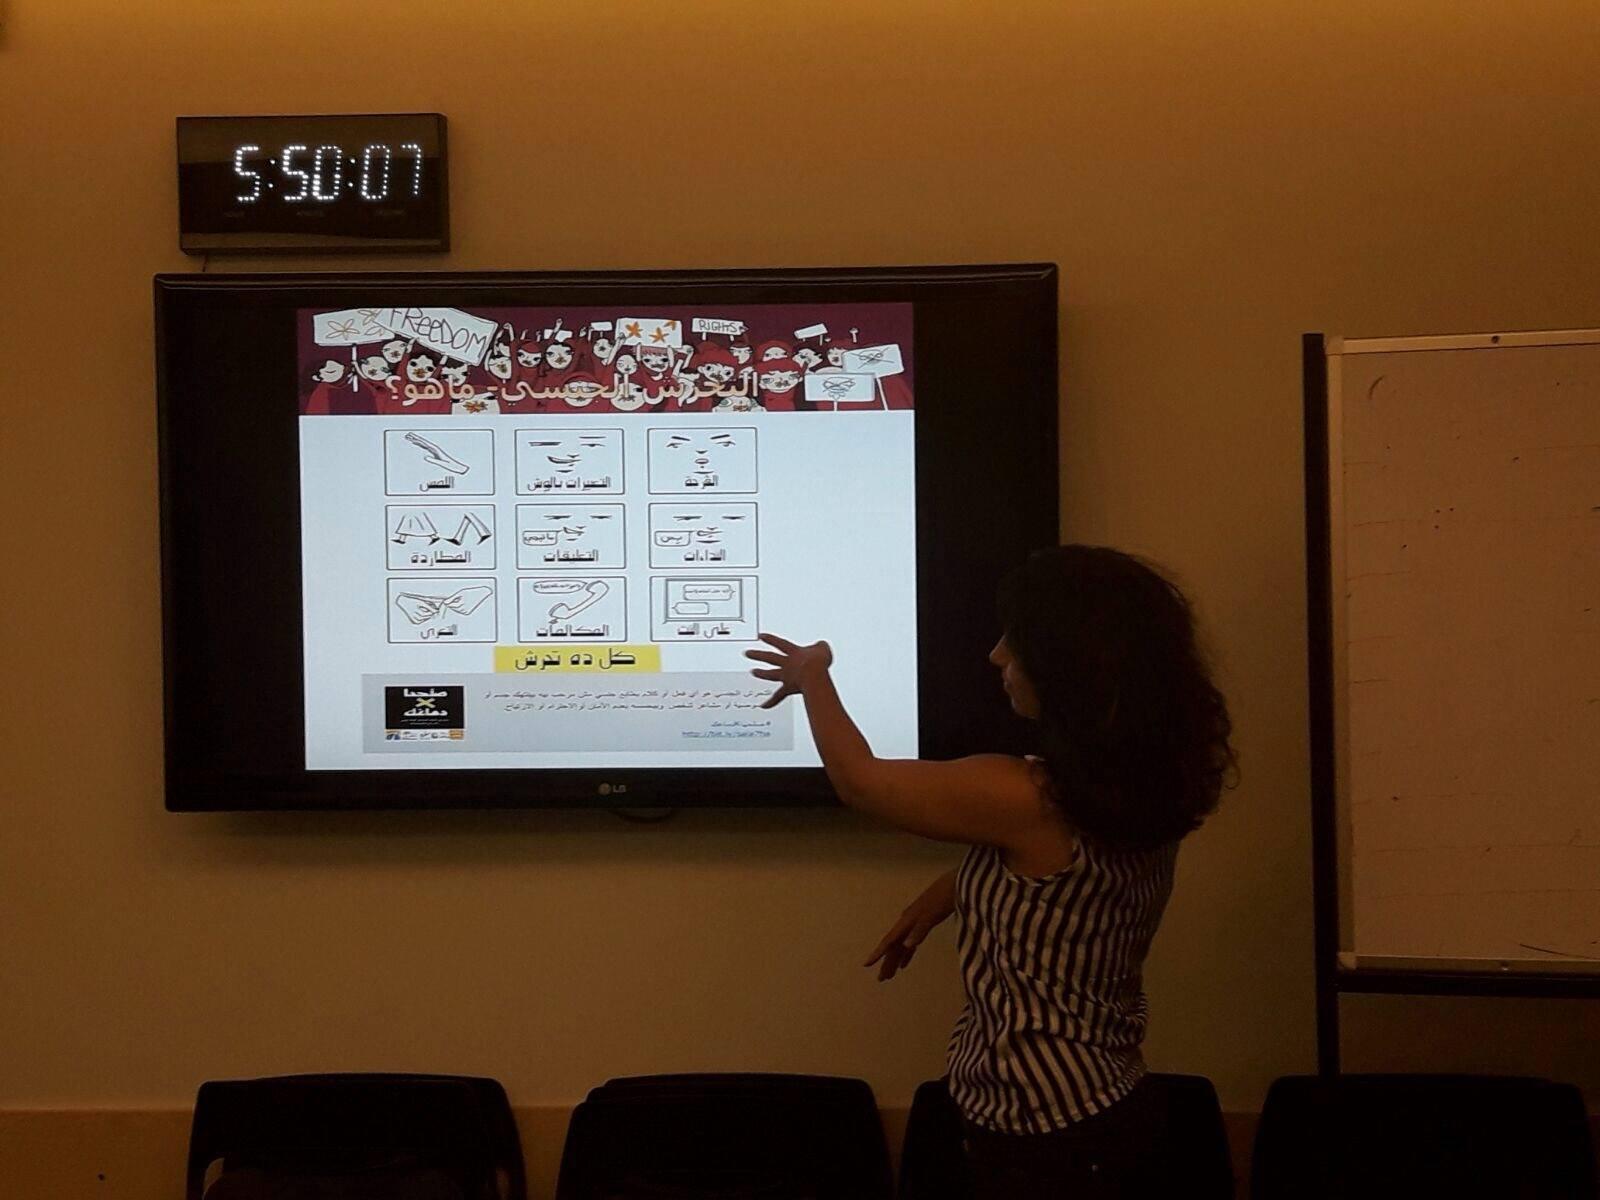 """""""كيان"""" تنظم ورشة تدريبية لموظفي القوى العاملة في مجلس التعليم العالي عن التحرش الجنسي بالعمل-2"""